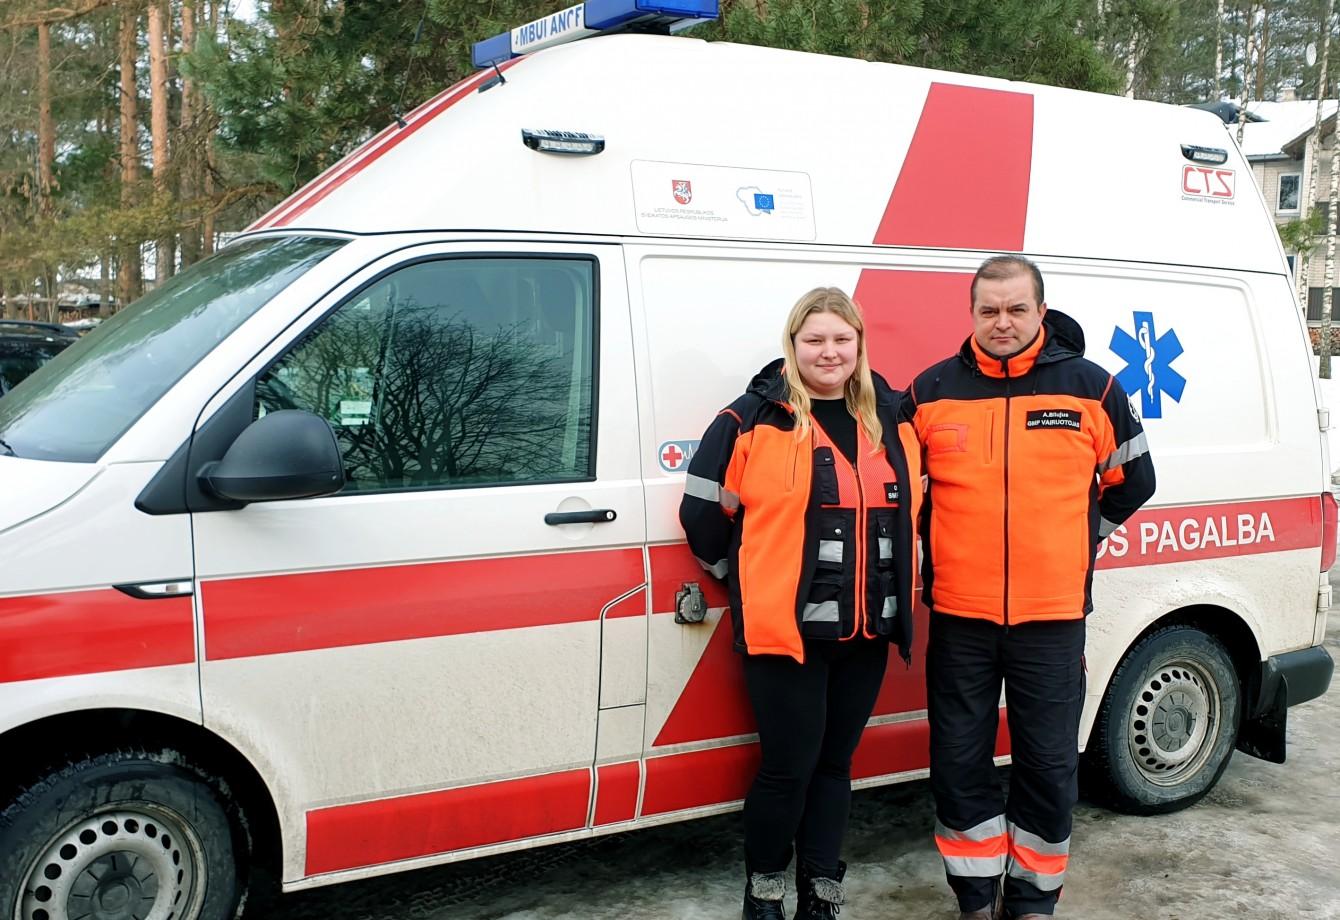 VšĮ Varėnos pirminės sveikatos priežiūros centro greitosios medicinos pagalbos skyriaus darbuotojams gimdymą teko priimti automobilyje